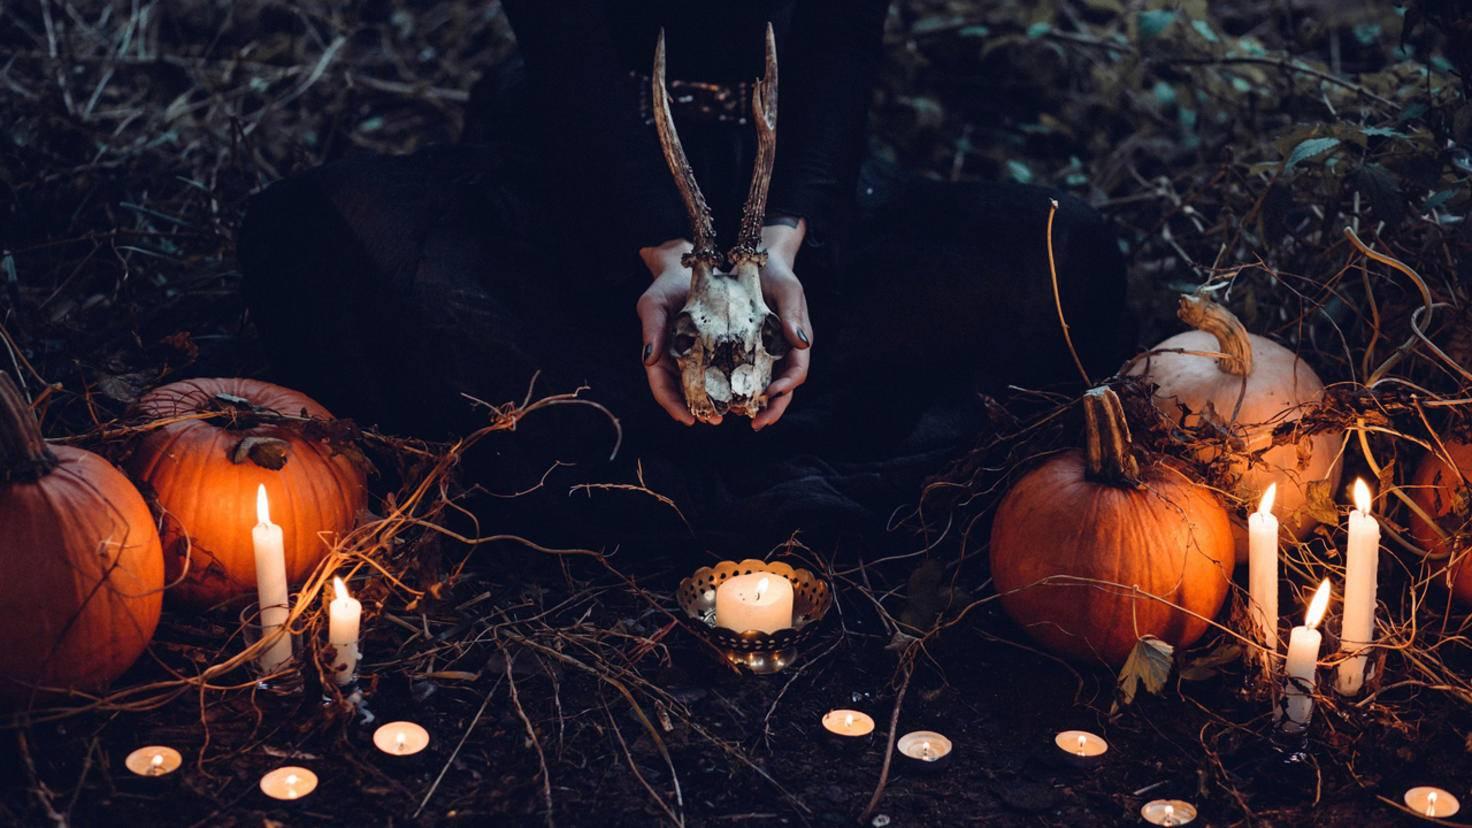 Whatsapp 35 Ideen Für Sprüche Bilder Videos Zu Halloween